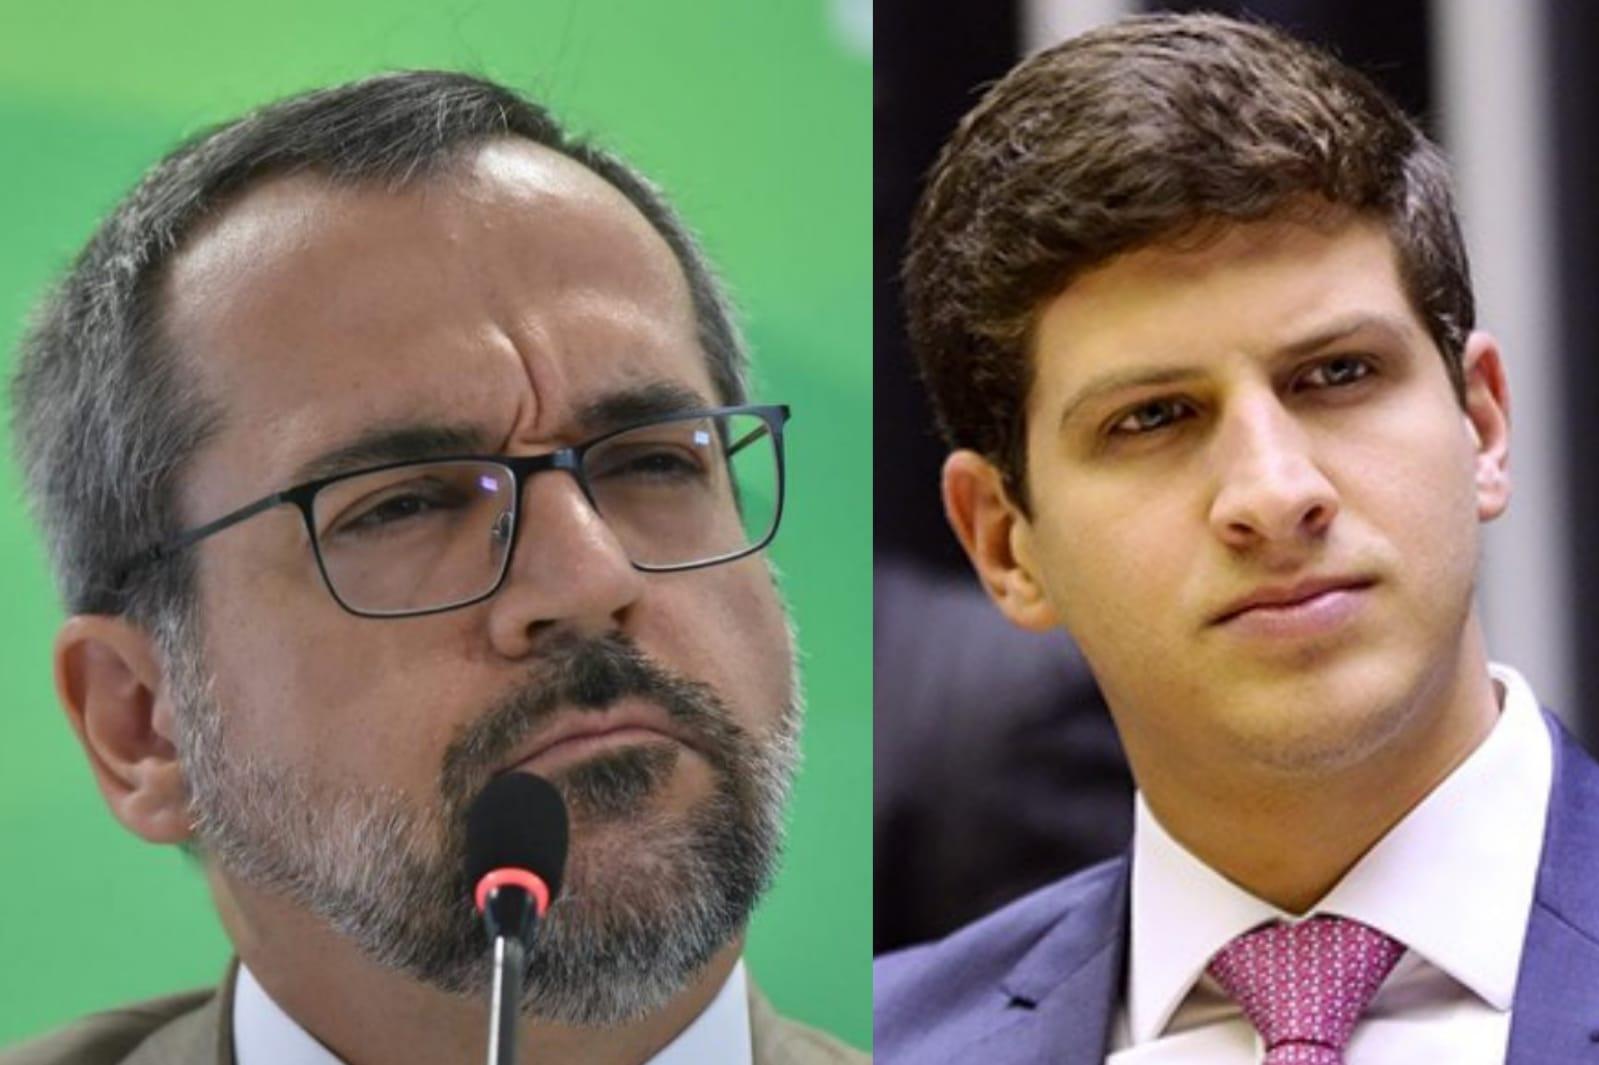 João Campos e outros 19 parlamentares de 10 partidos pedem Impeachment de ministro da Educação